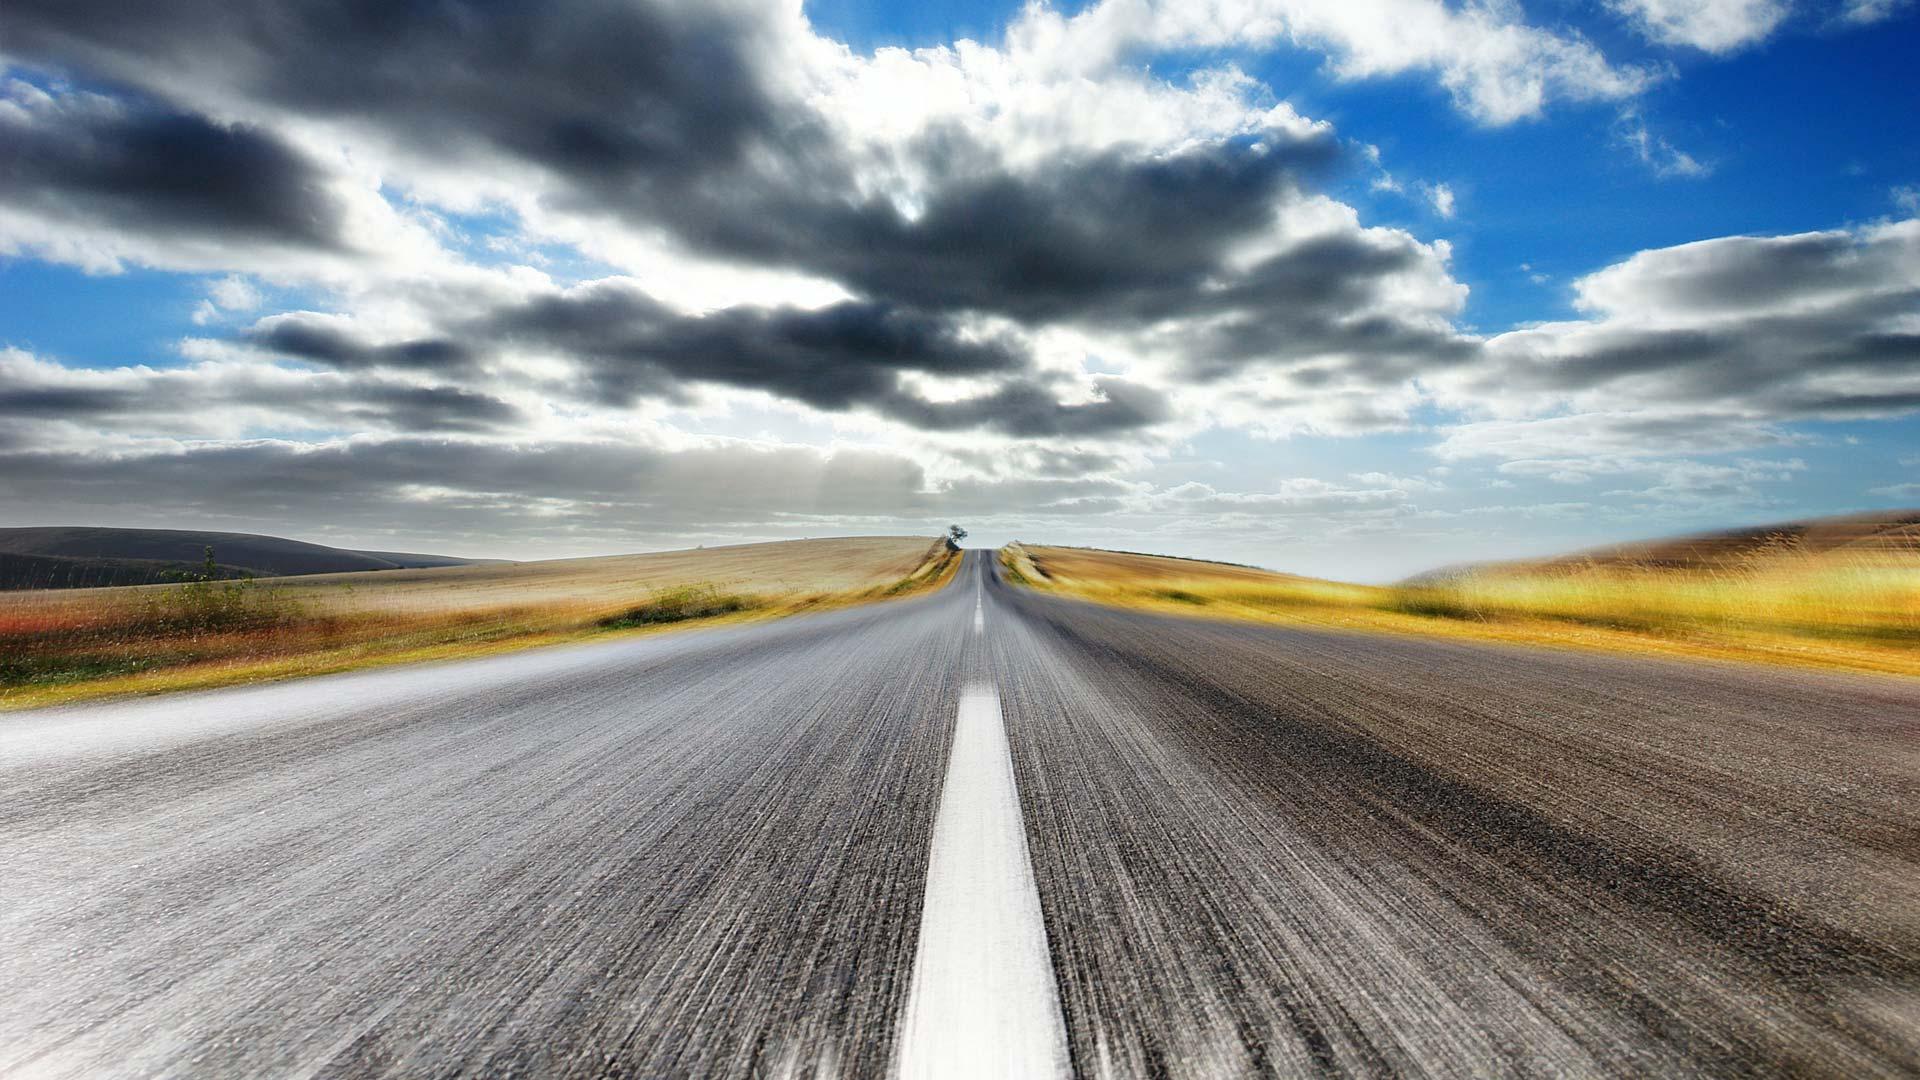 обои скорость дорога обои